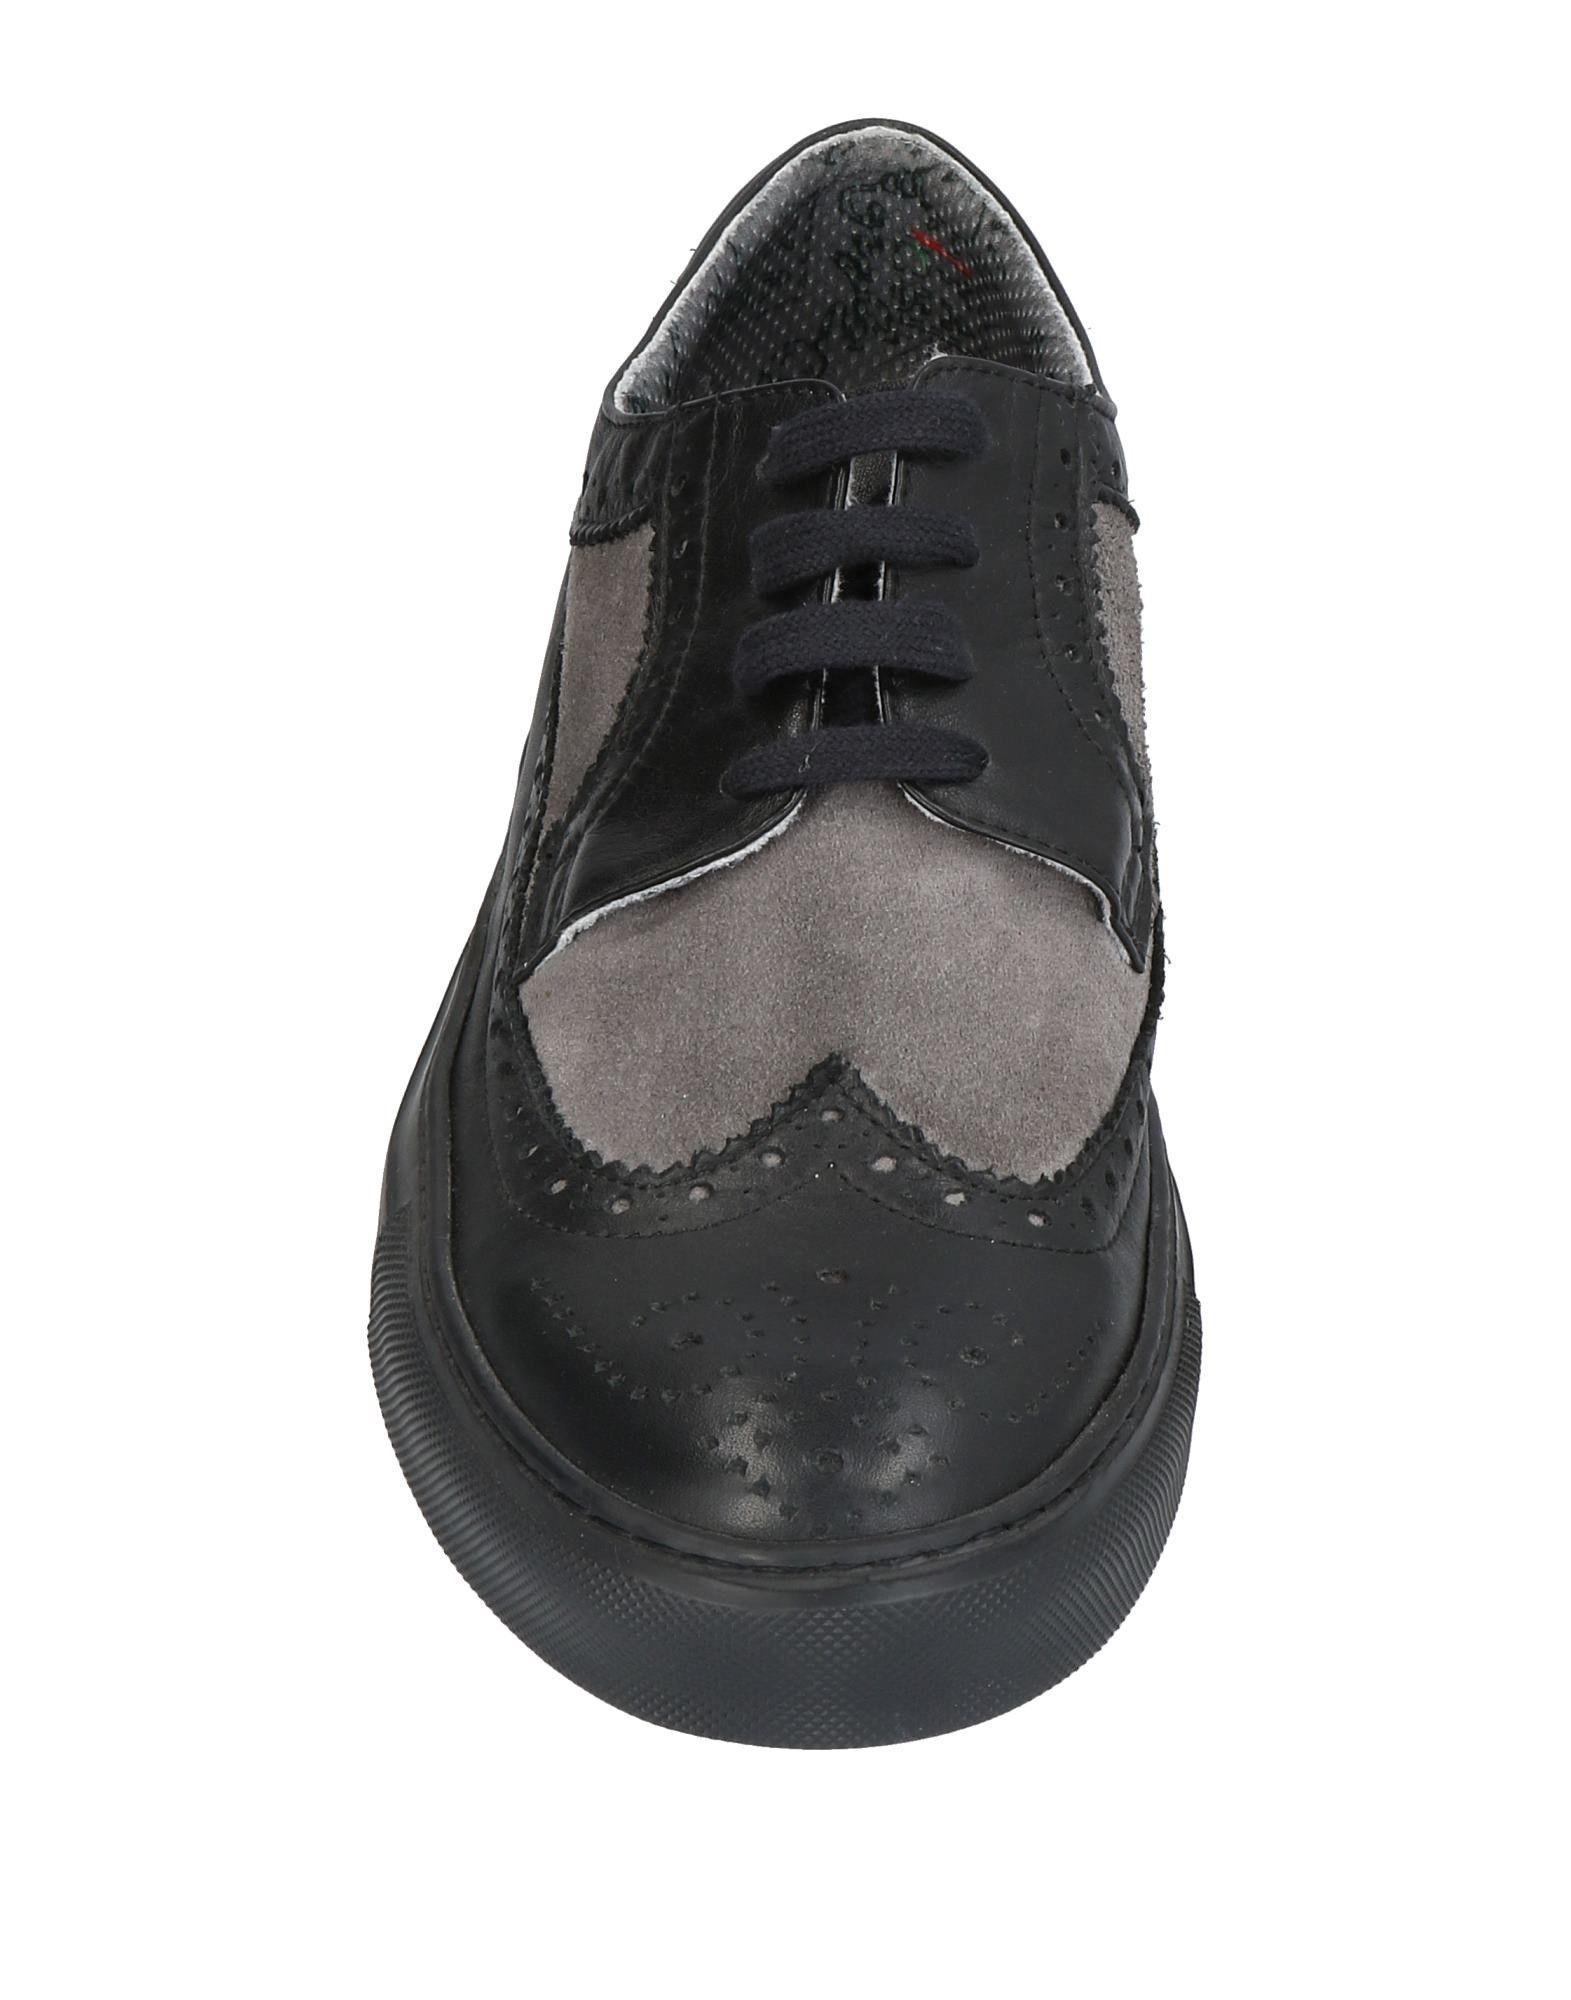 11396496DI Yab Schnürschuhe Herren  11396496DI  Heiße Schuhe d0888e